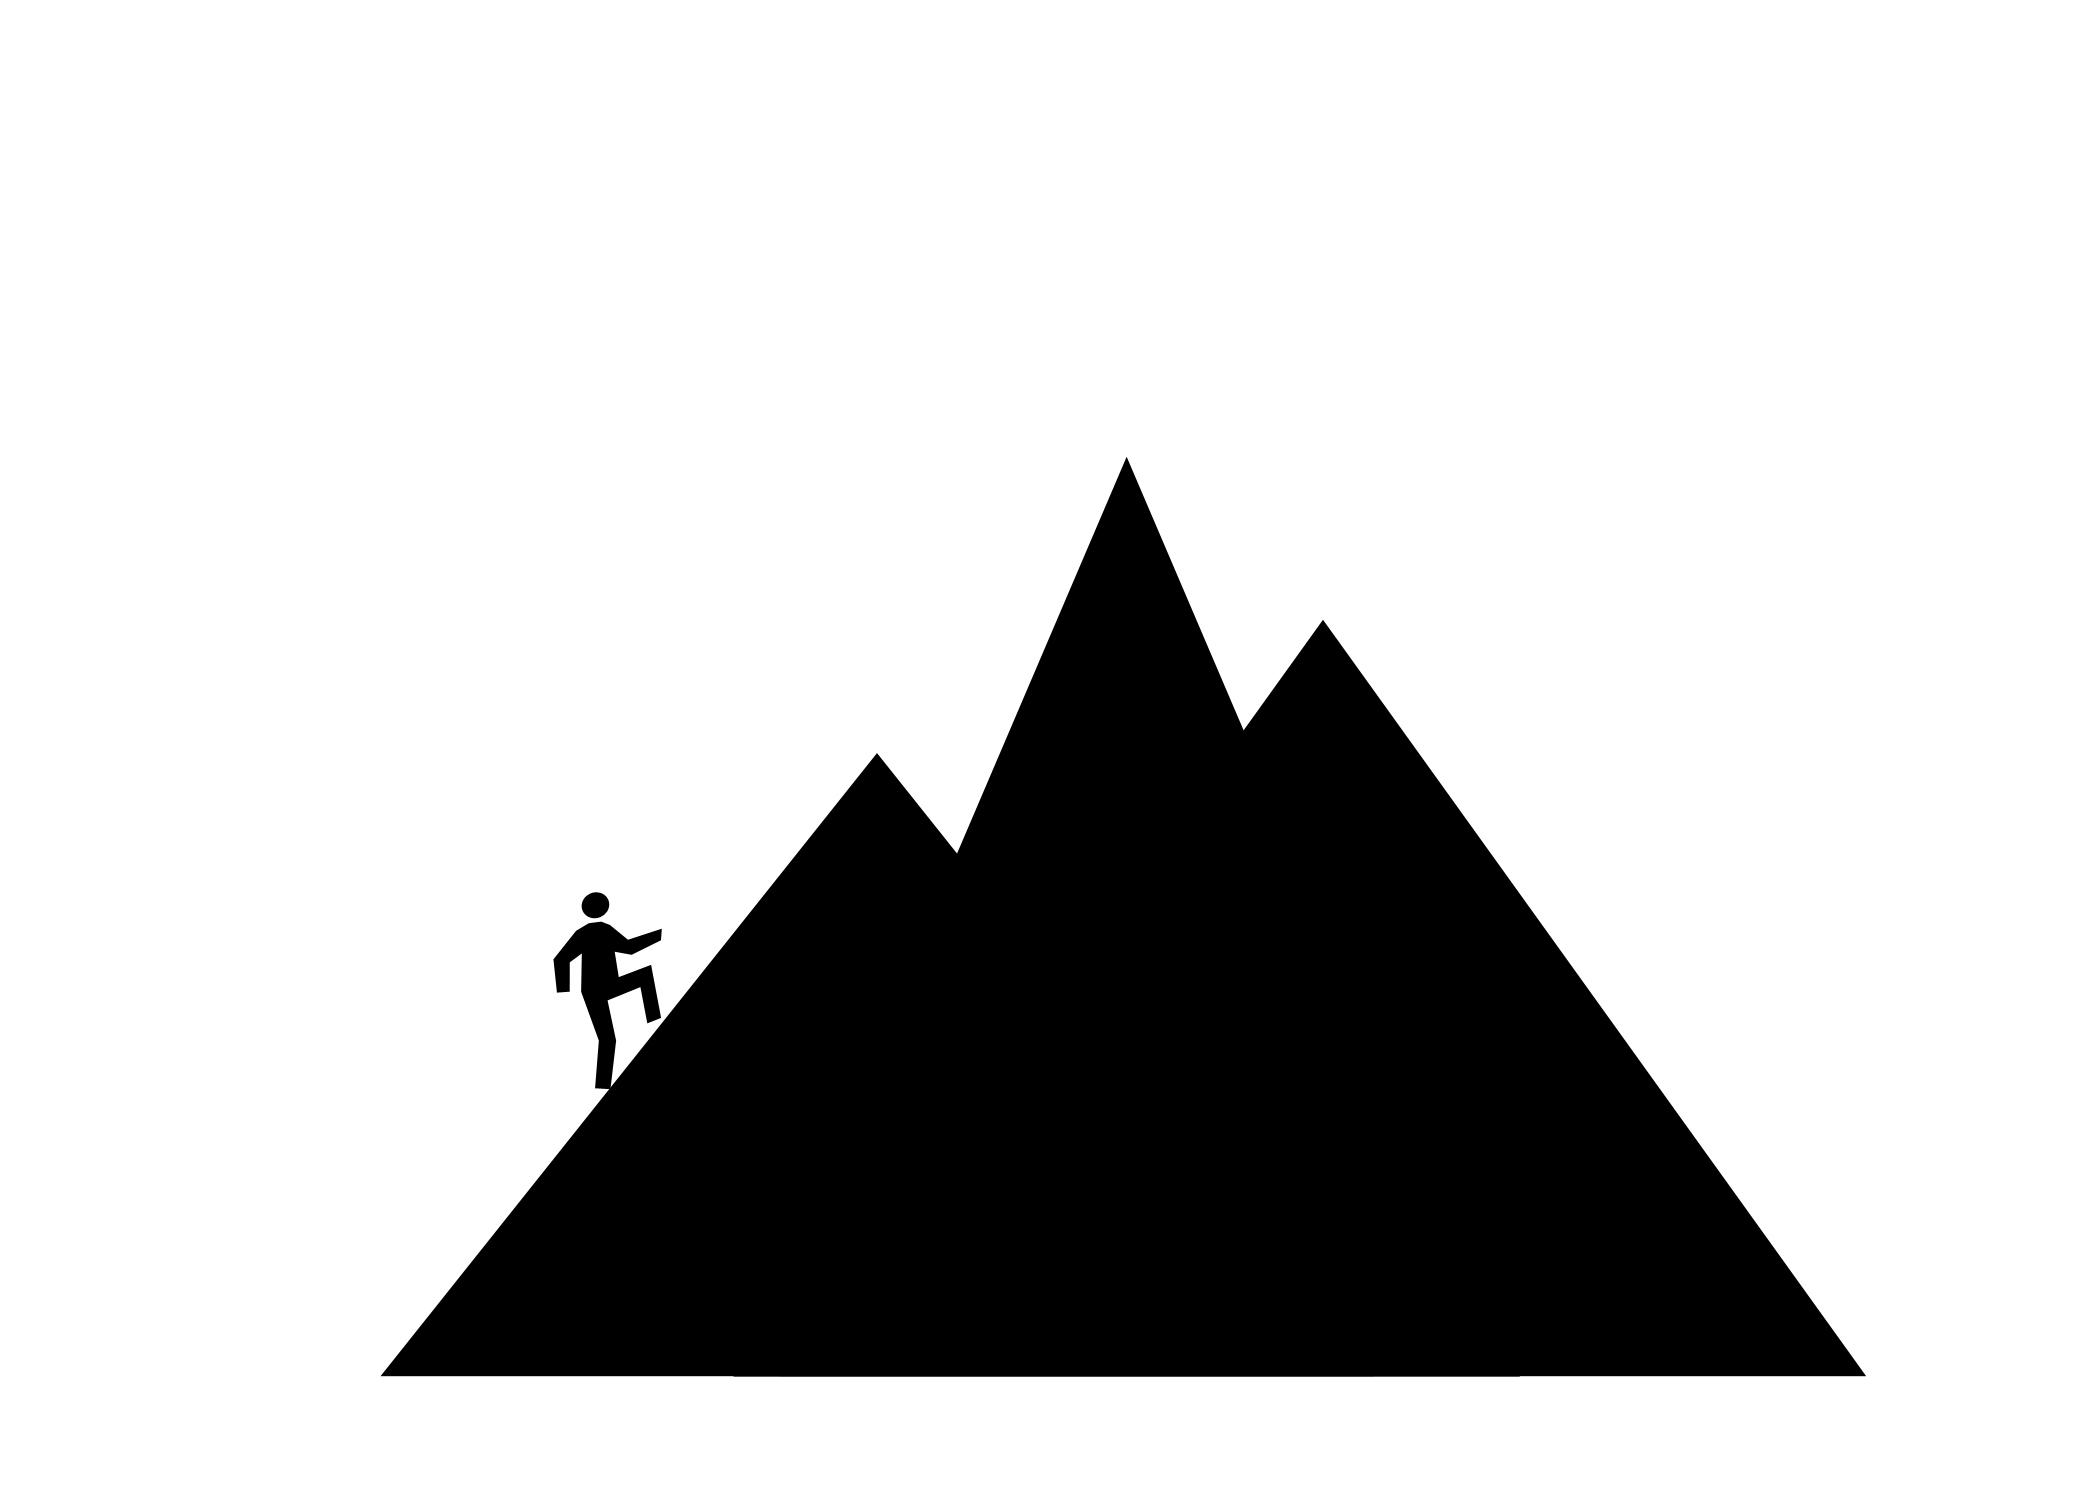 Person Climbing Mountain Clipart.